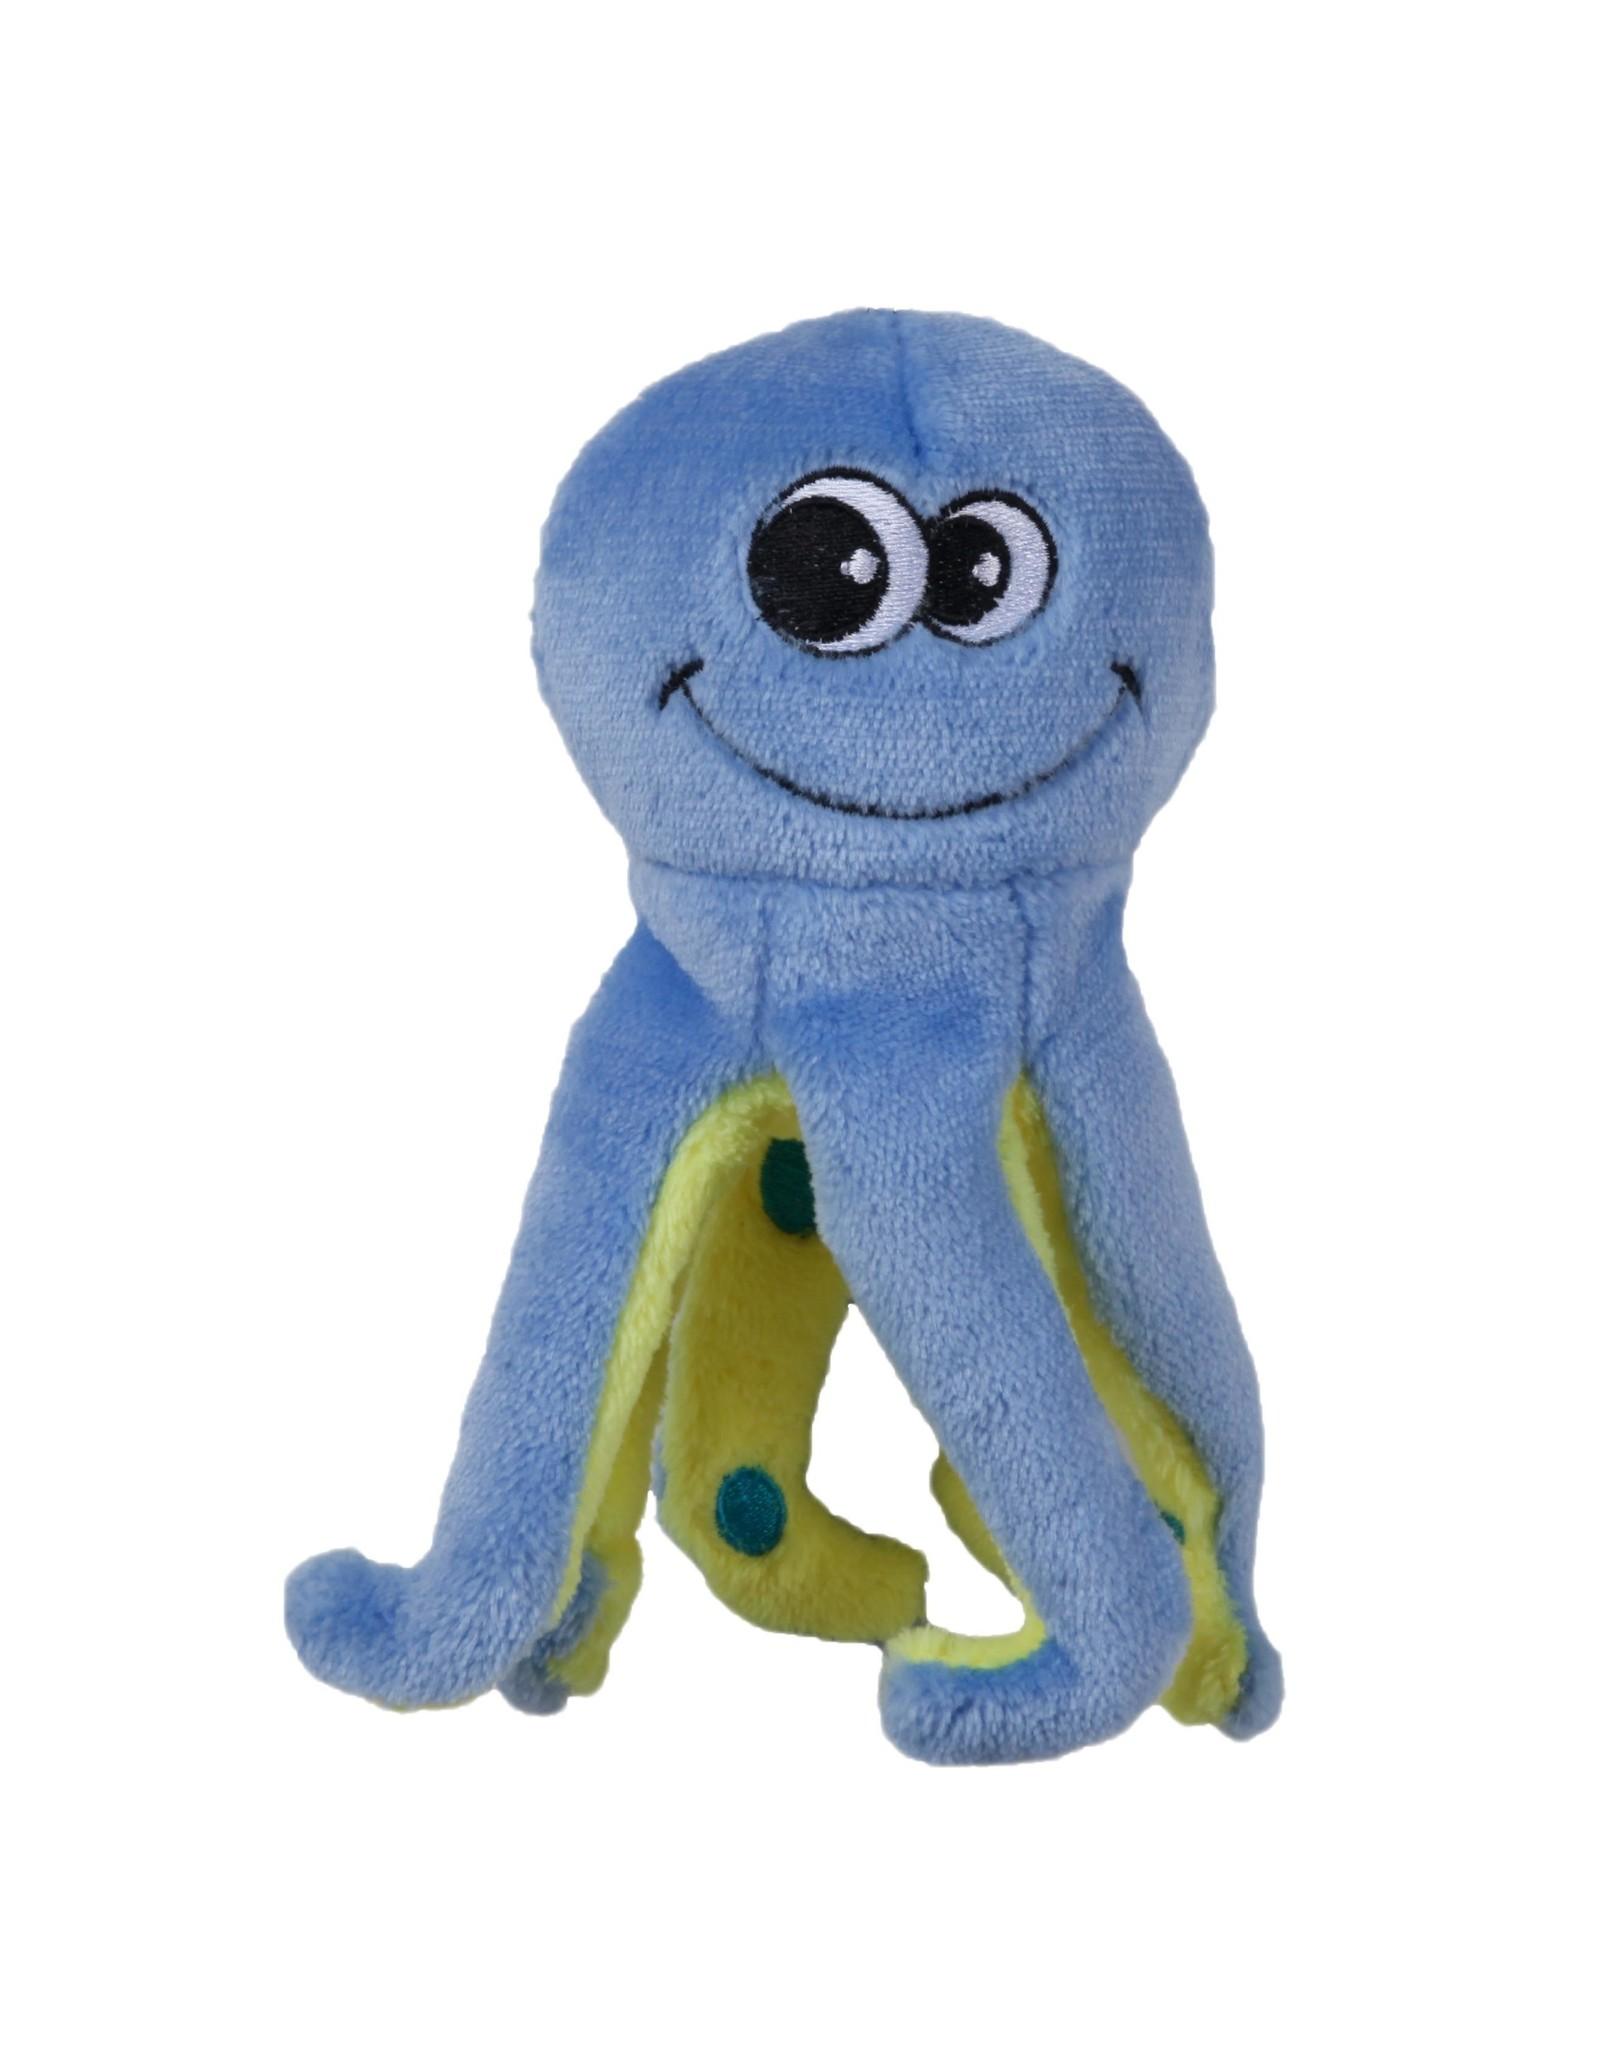 Tender Tuffs Easy Grab Octopus